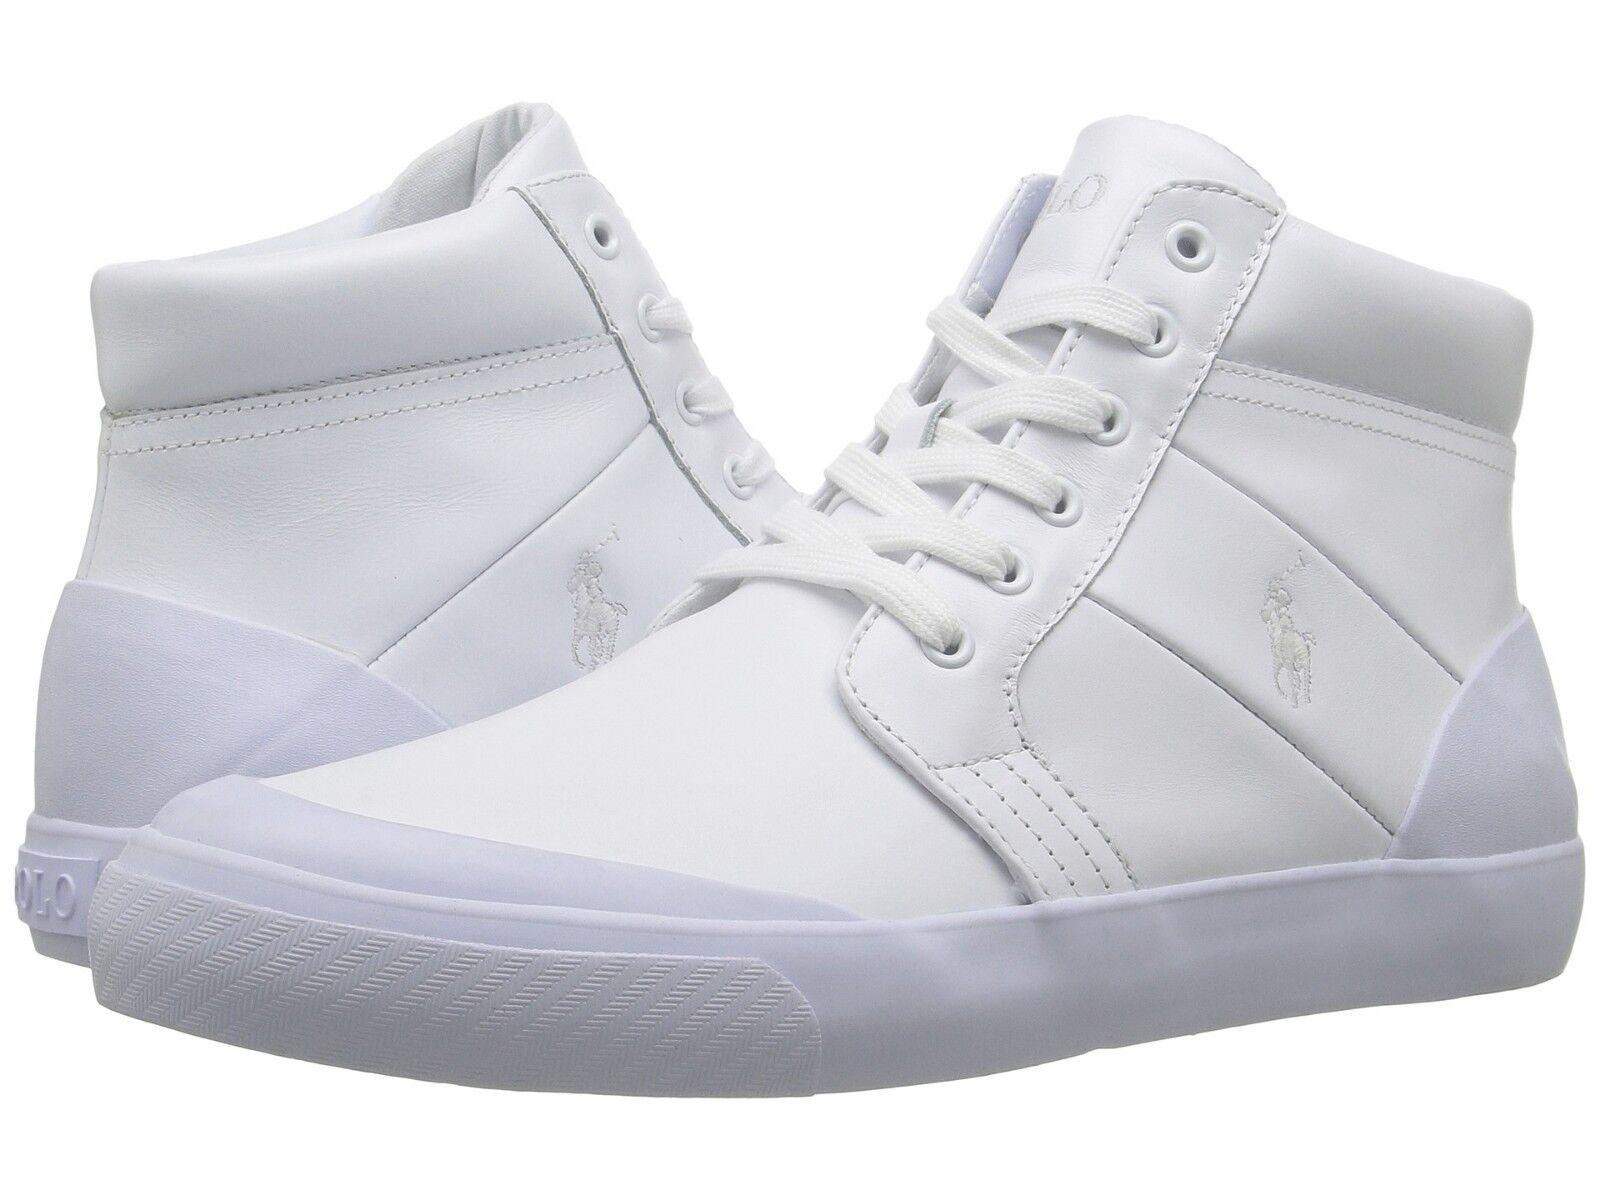 Polo Ralph Lauren Isaak Skid Vulc Hi Entrenador. Cuero blancoo, talla 8 o 9.5 Uk, Nuevo